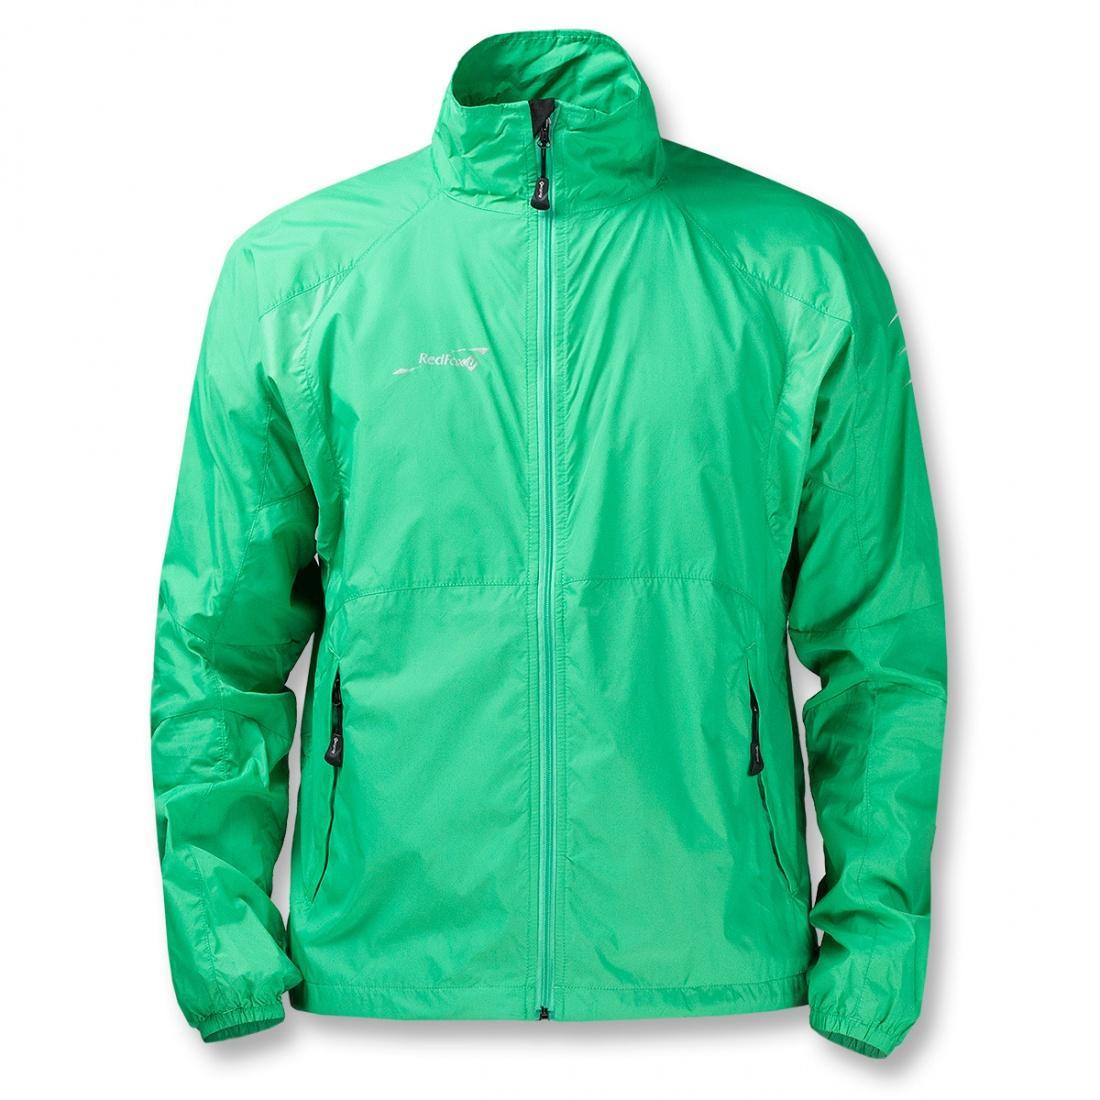 Куртка ветрозащитная Trek Light IIКуртки<br><br> Очень легкая куртка для мультиспортсменов. Отлично сочетает в себе функции защиты от ветра и максимальной свободы движений. Куртку мож...<br><br>Цвет: Зеленый<br>Размер: 42